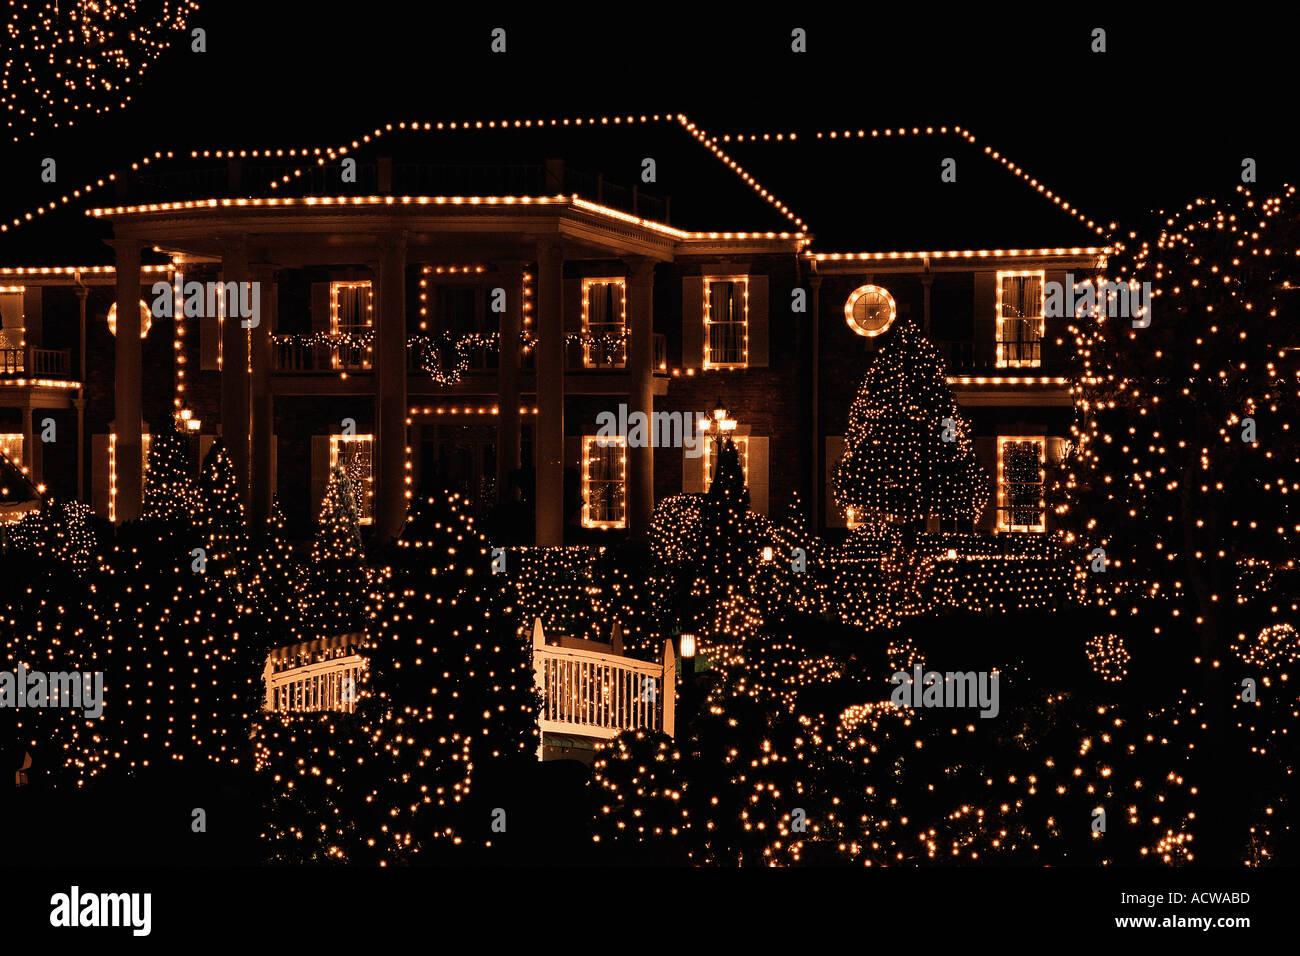 Haus Weihnachtsbeleuchtung.Haus Mit Weihnachtsbeleuchtung Stockfotos Haus Mit